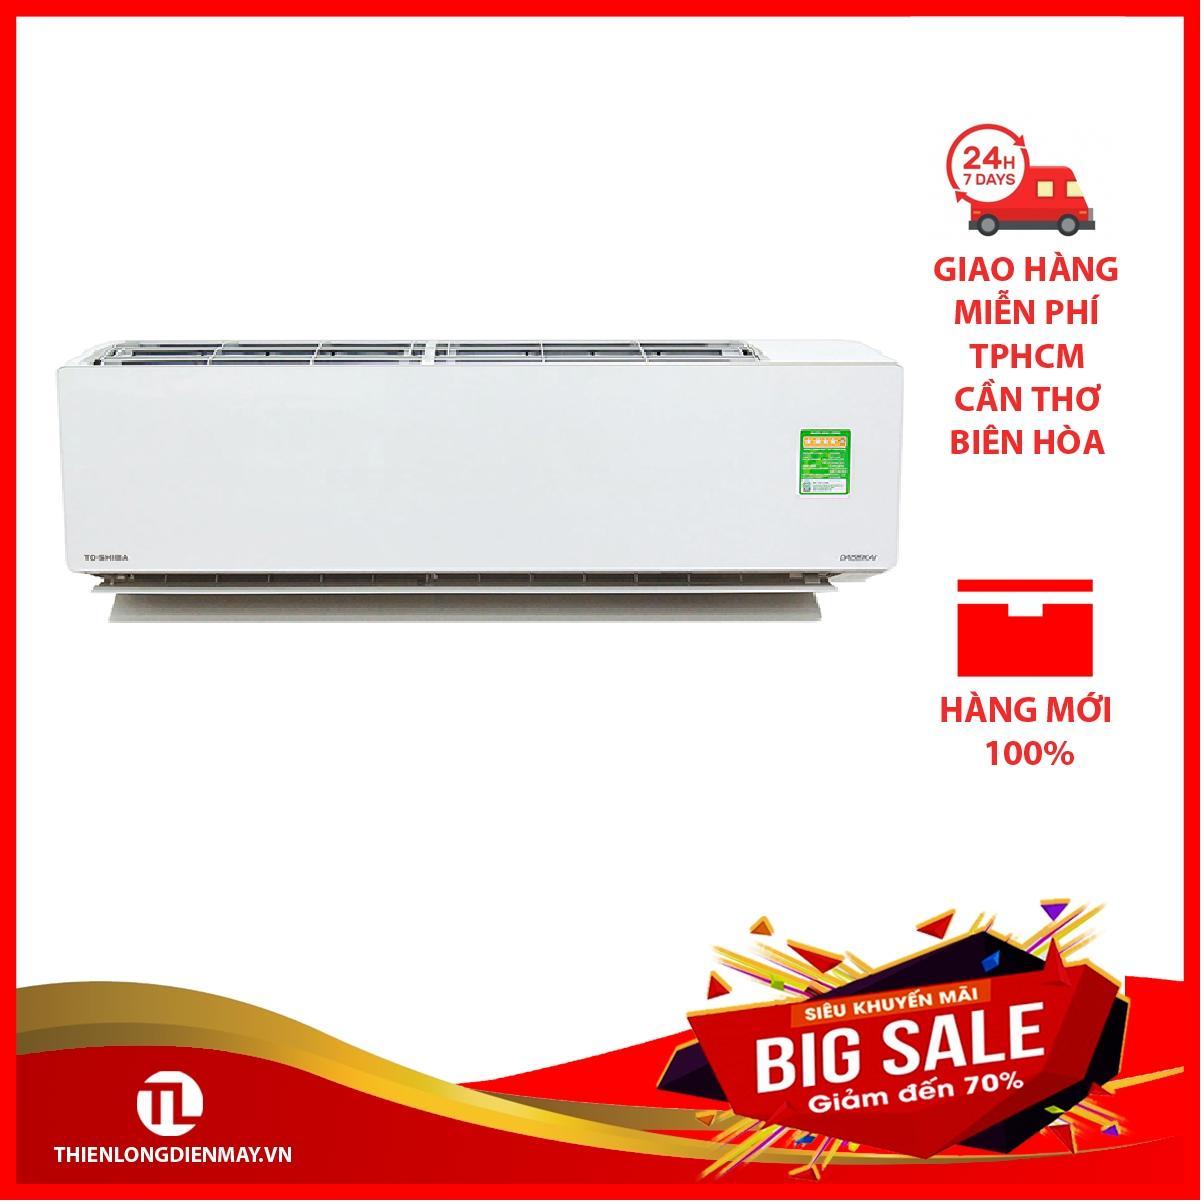 Bảng giá Máy lạnh Toshiba Inverter 1.5 HP RAS-H13G2KCVP